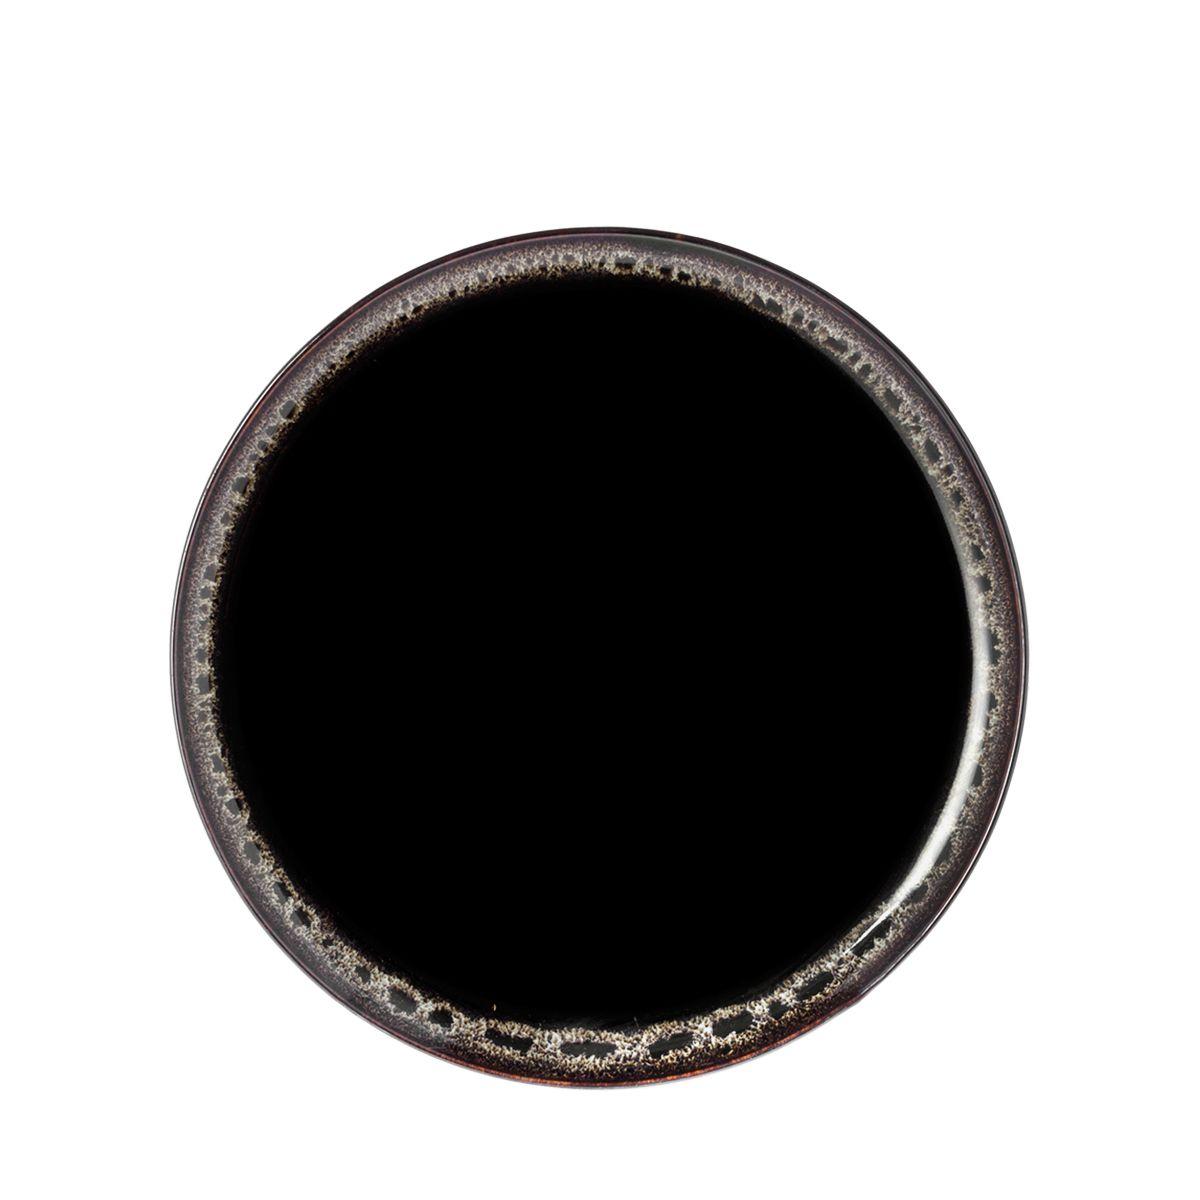 блесна yoshi onyx yalu vib up цвет золотой черный 15 г Блюдо декоративное Riverdale onyx черный 16см